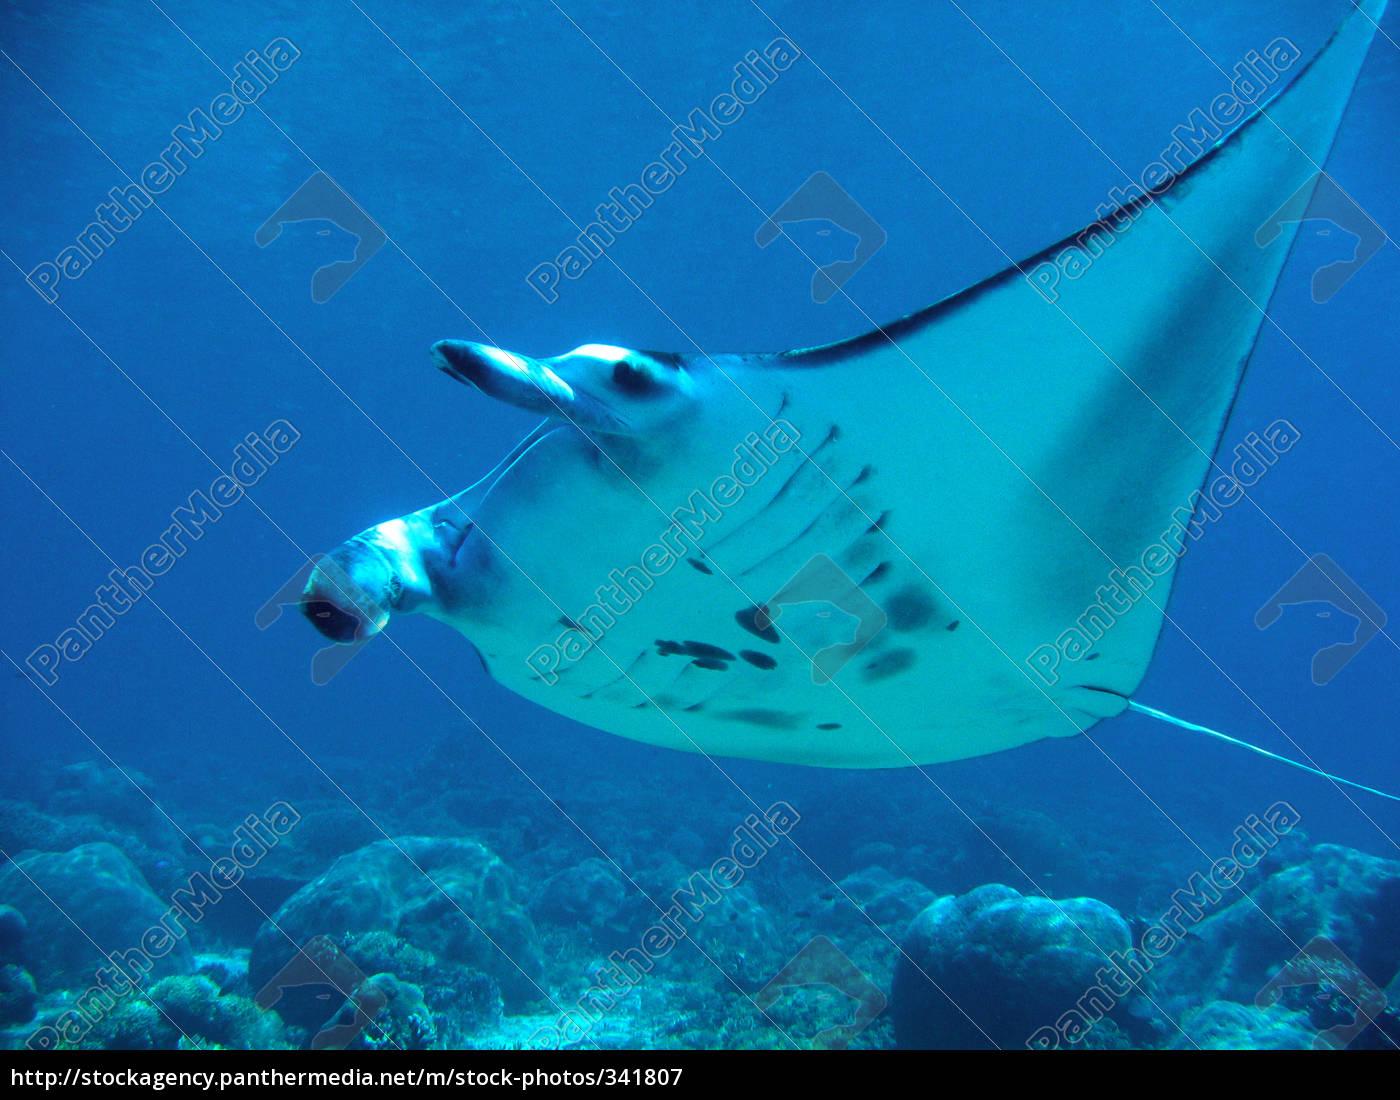 manta, -, fly - 341807